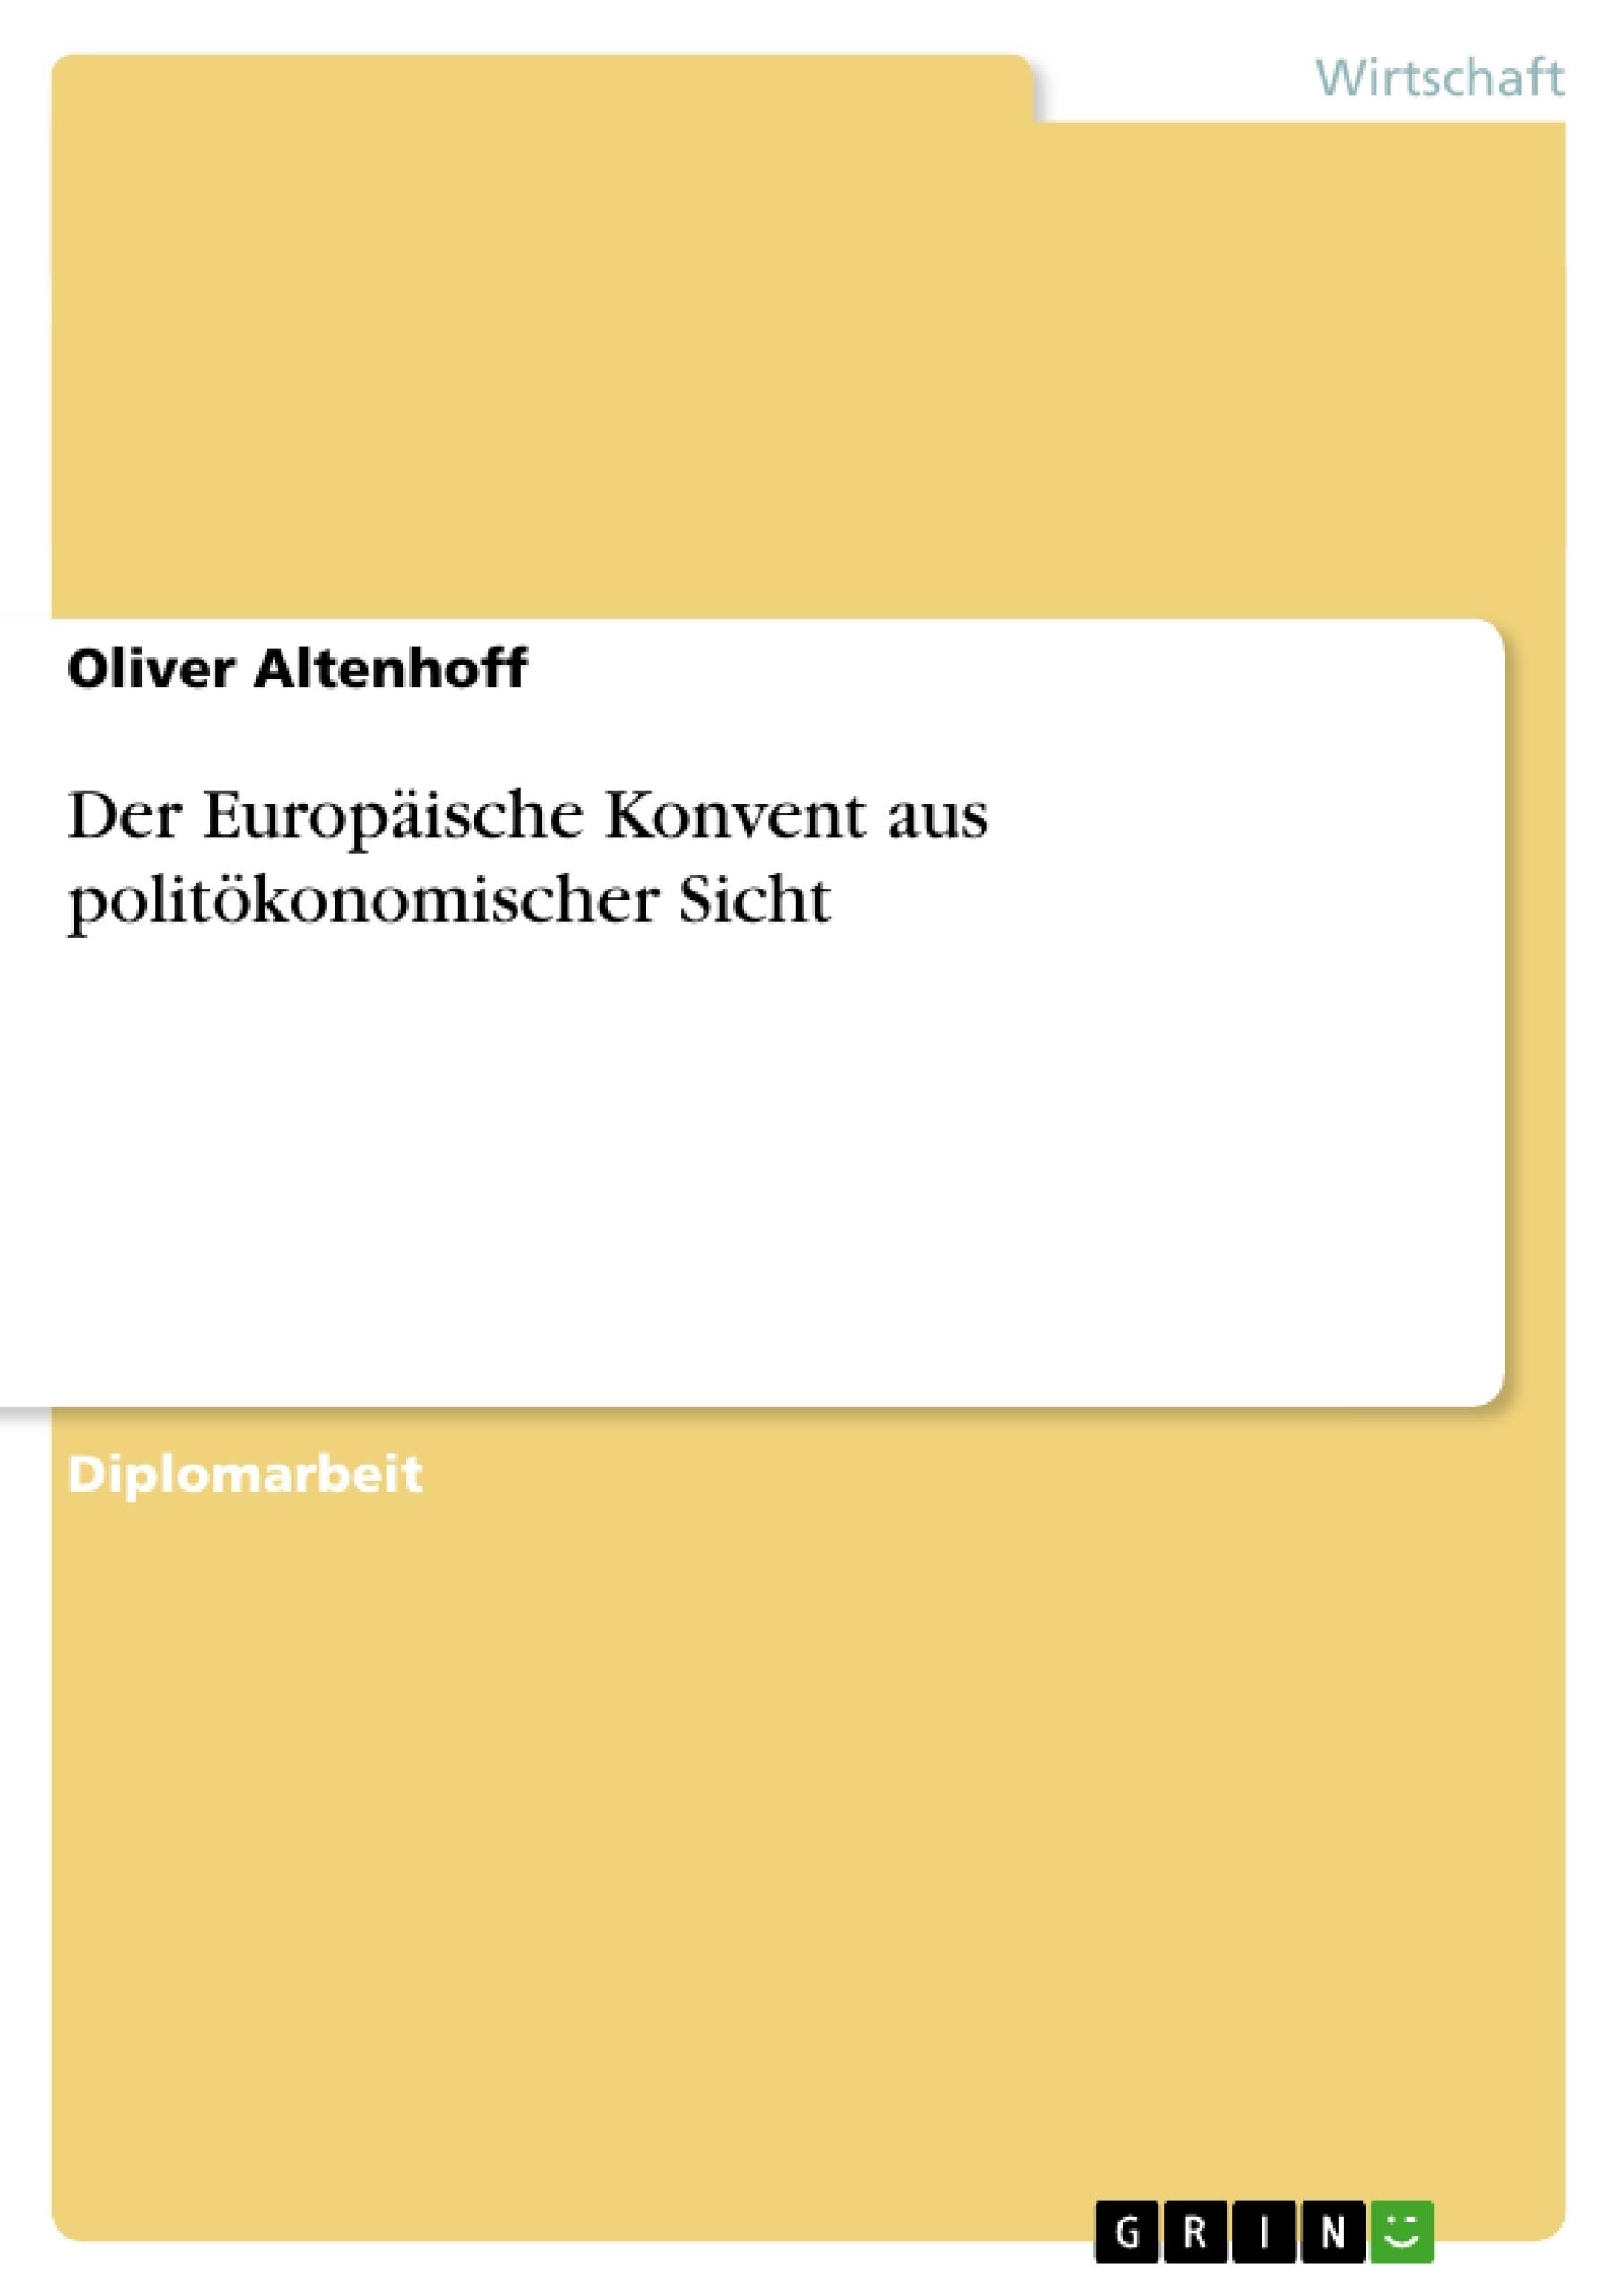 Titel: Der Europäische Konvent aus politökonomischer Sicht